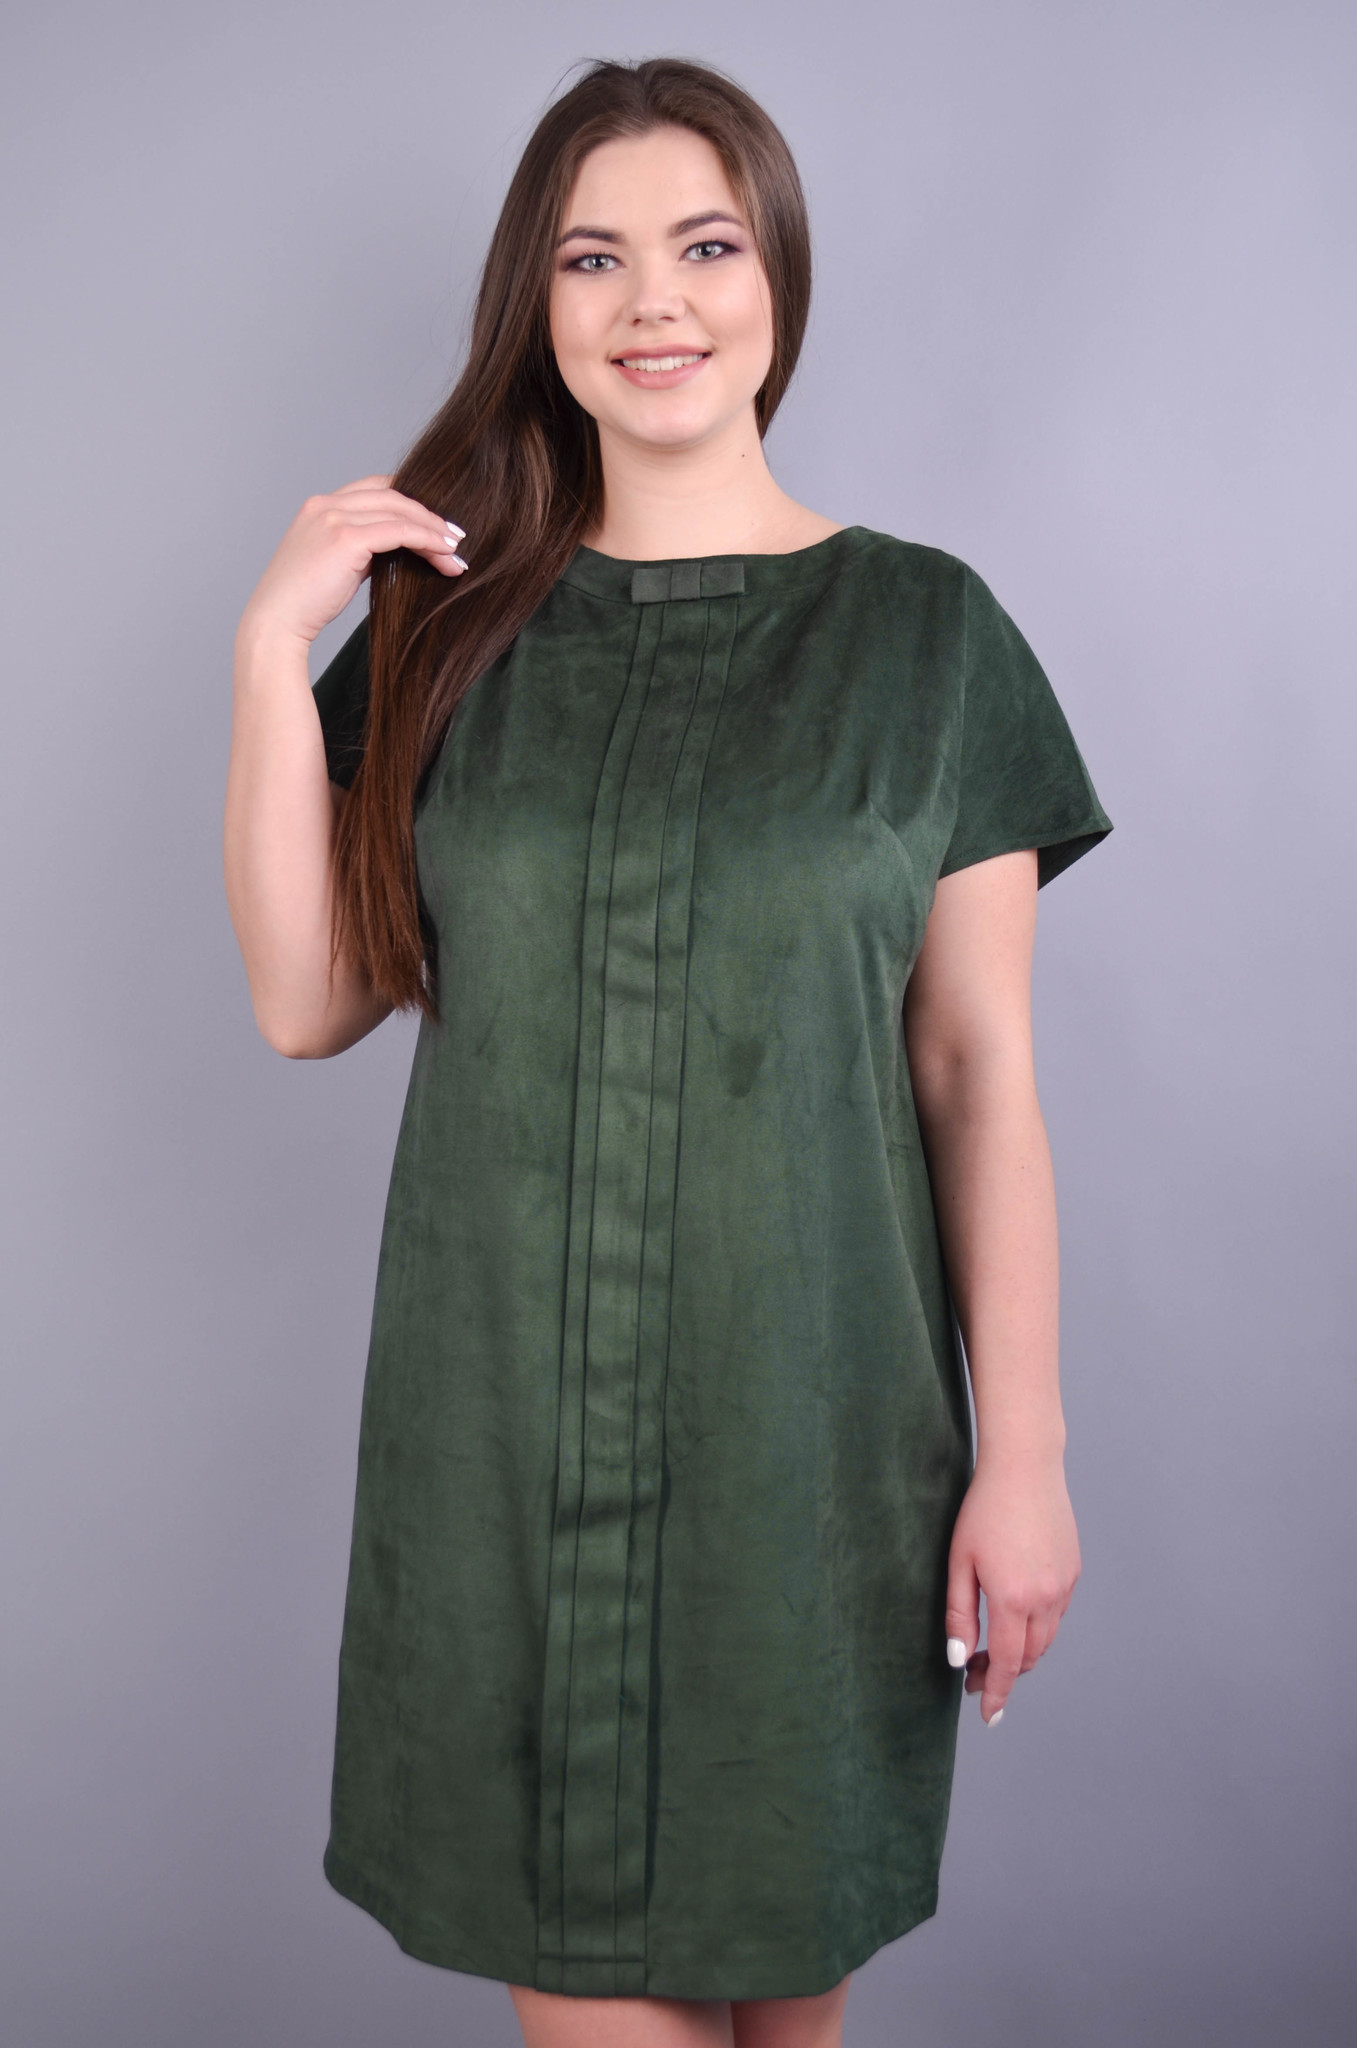 Варвара. Вишукана сукня для жінок плюс сайз. Смарагд.